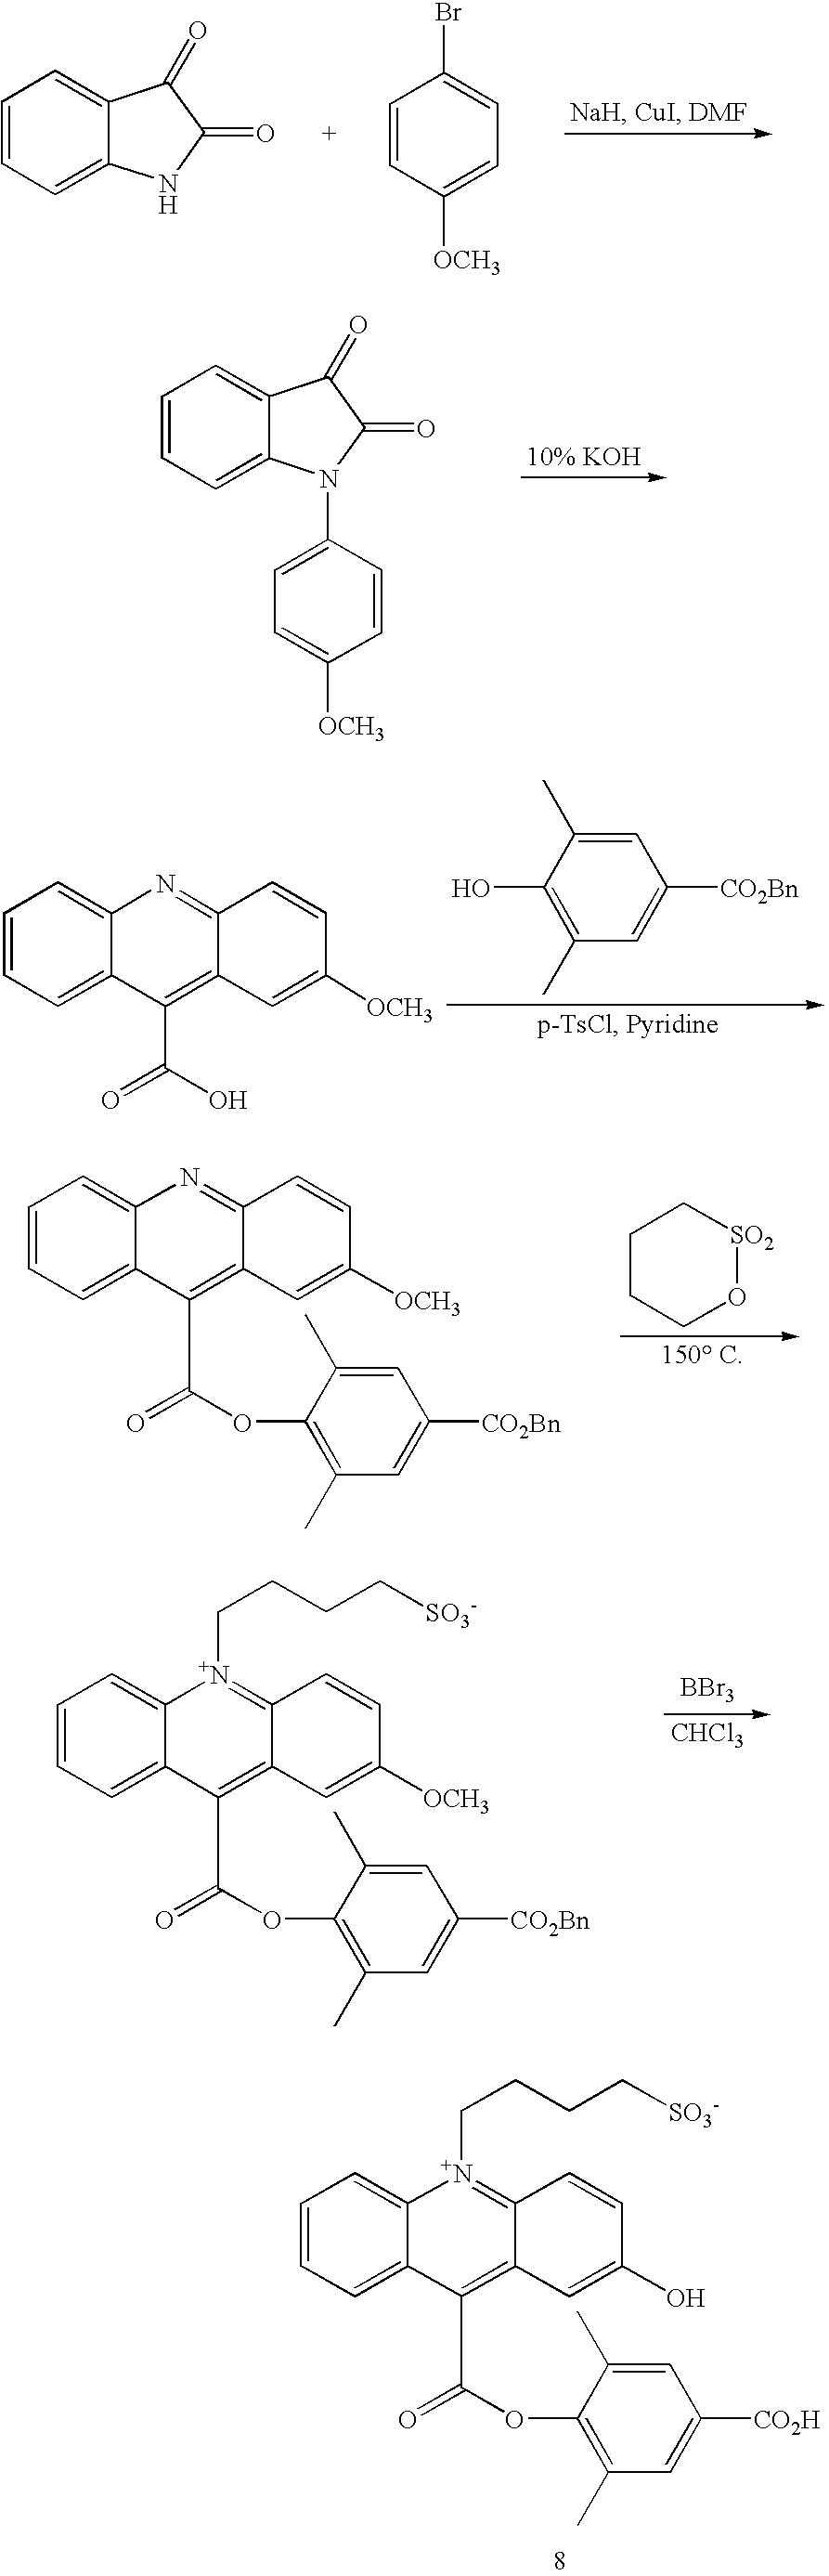 Figure US07459284-20081202-C00035